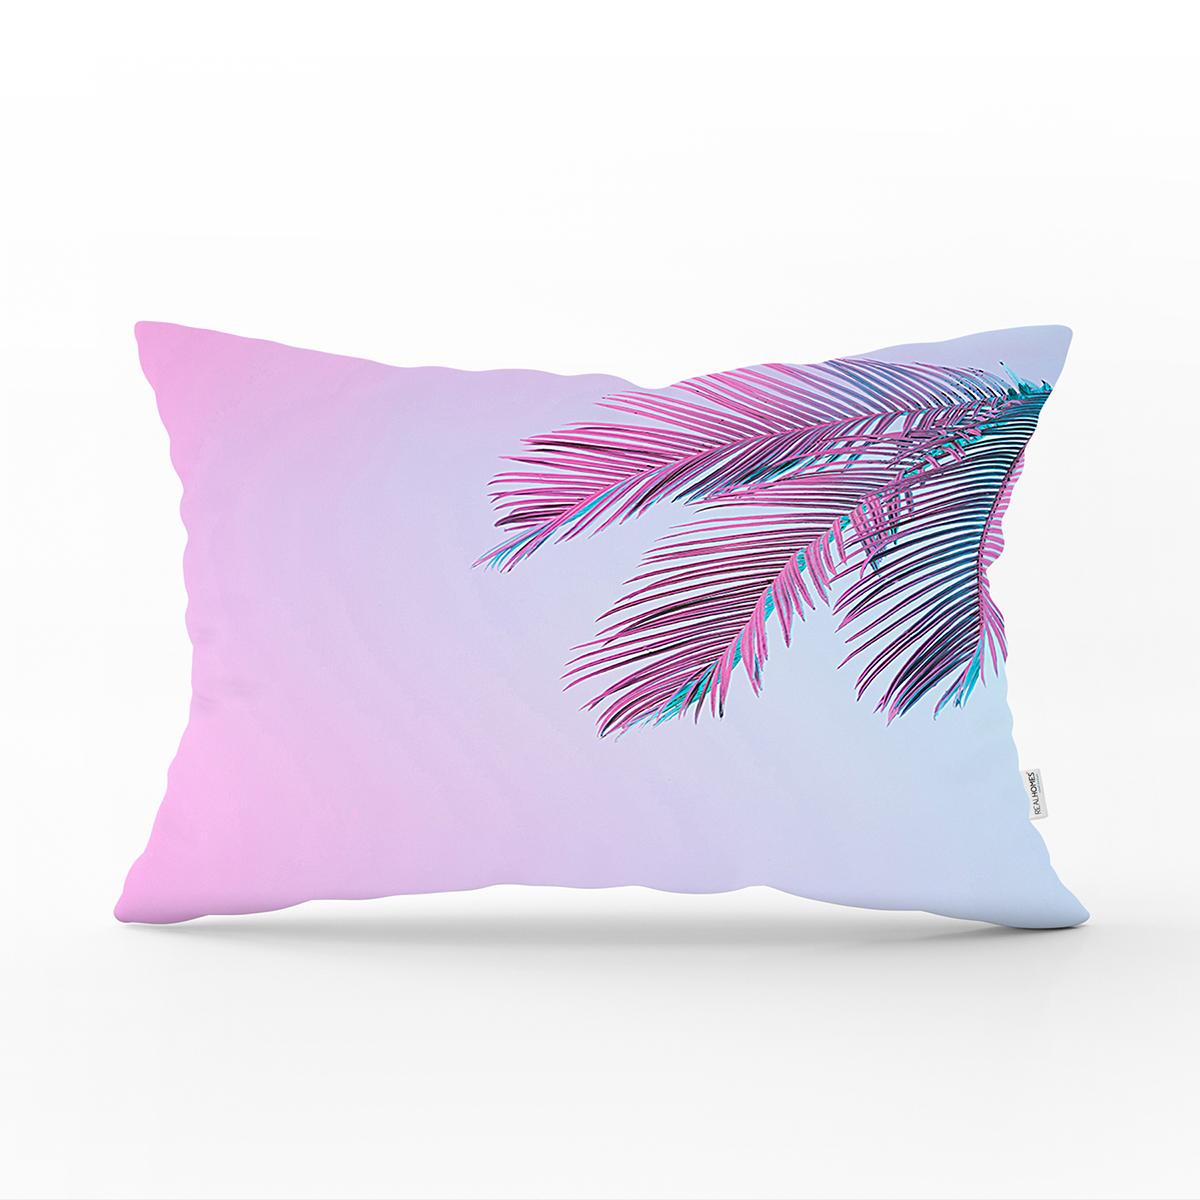 Toz Mavisi Zeminli Tropik Yapraklı Özel Tasarım Moderen Dikdörtgen Yastık Kılıfı Realhomes